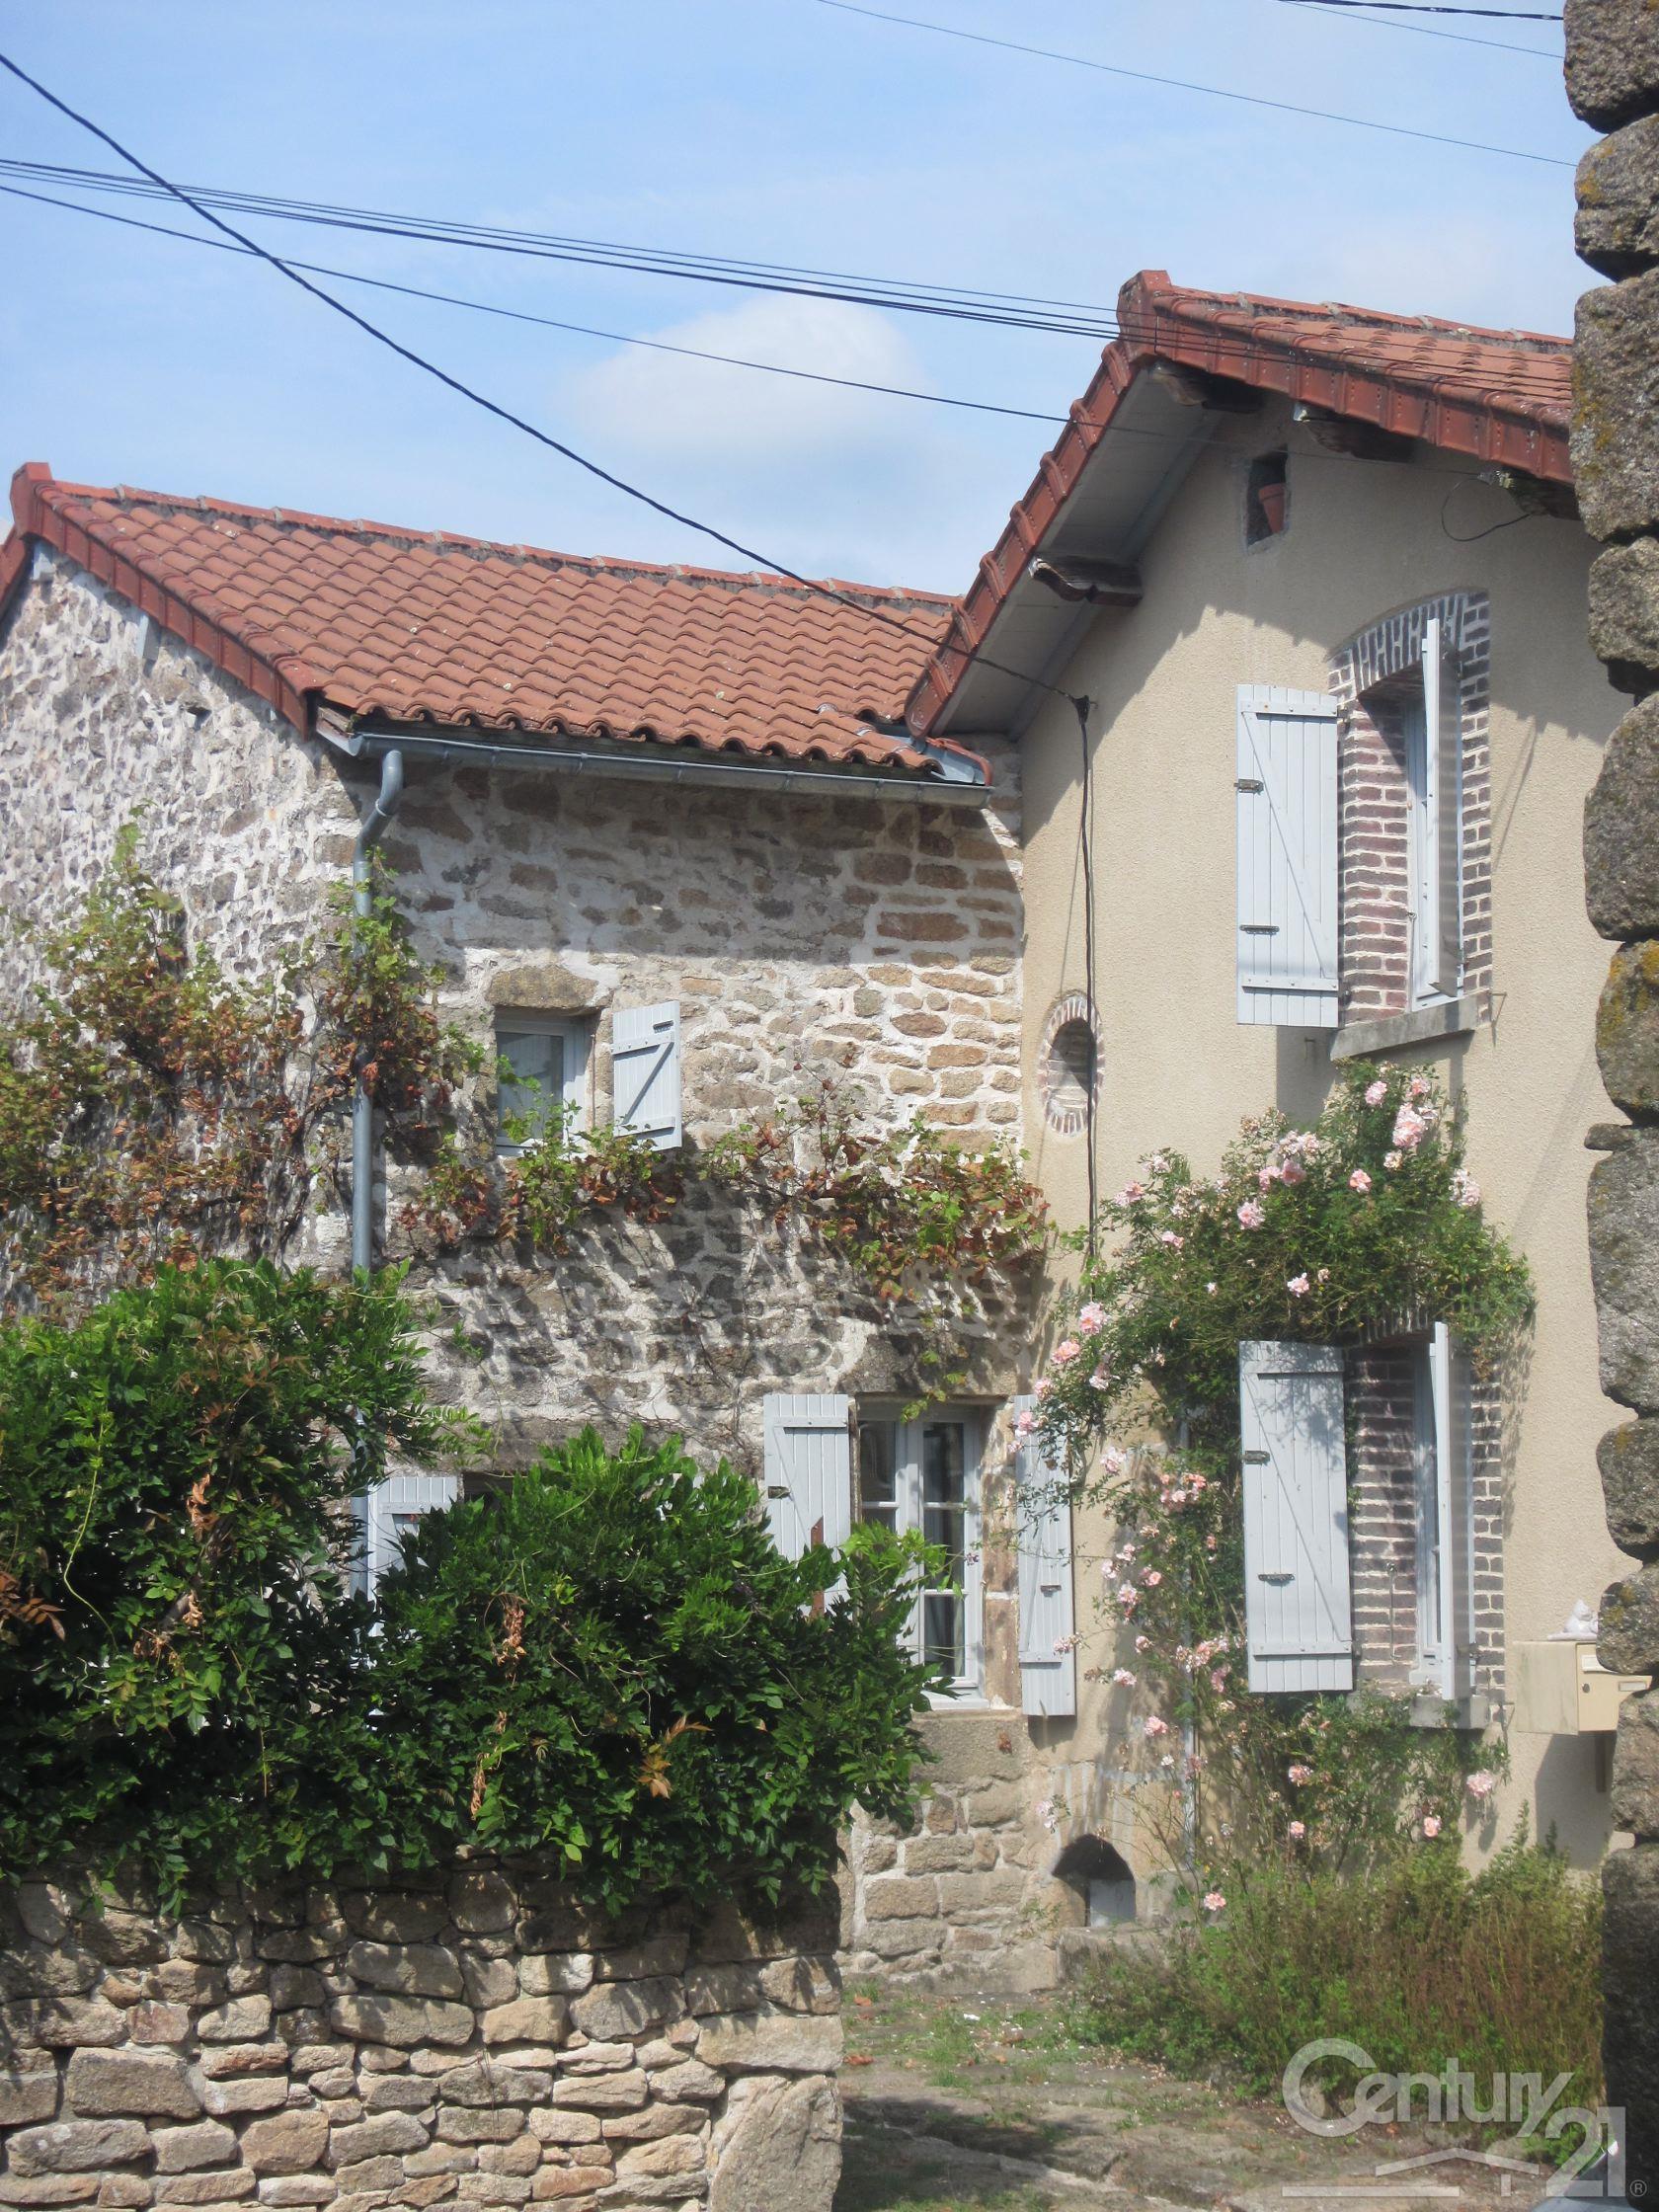 Annonce location maison saint pardoux 87250 81 m 500 for Annonces location maison